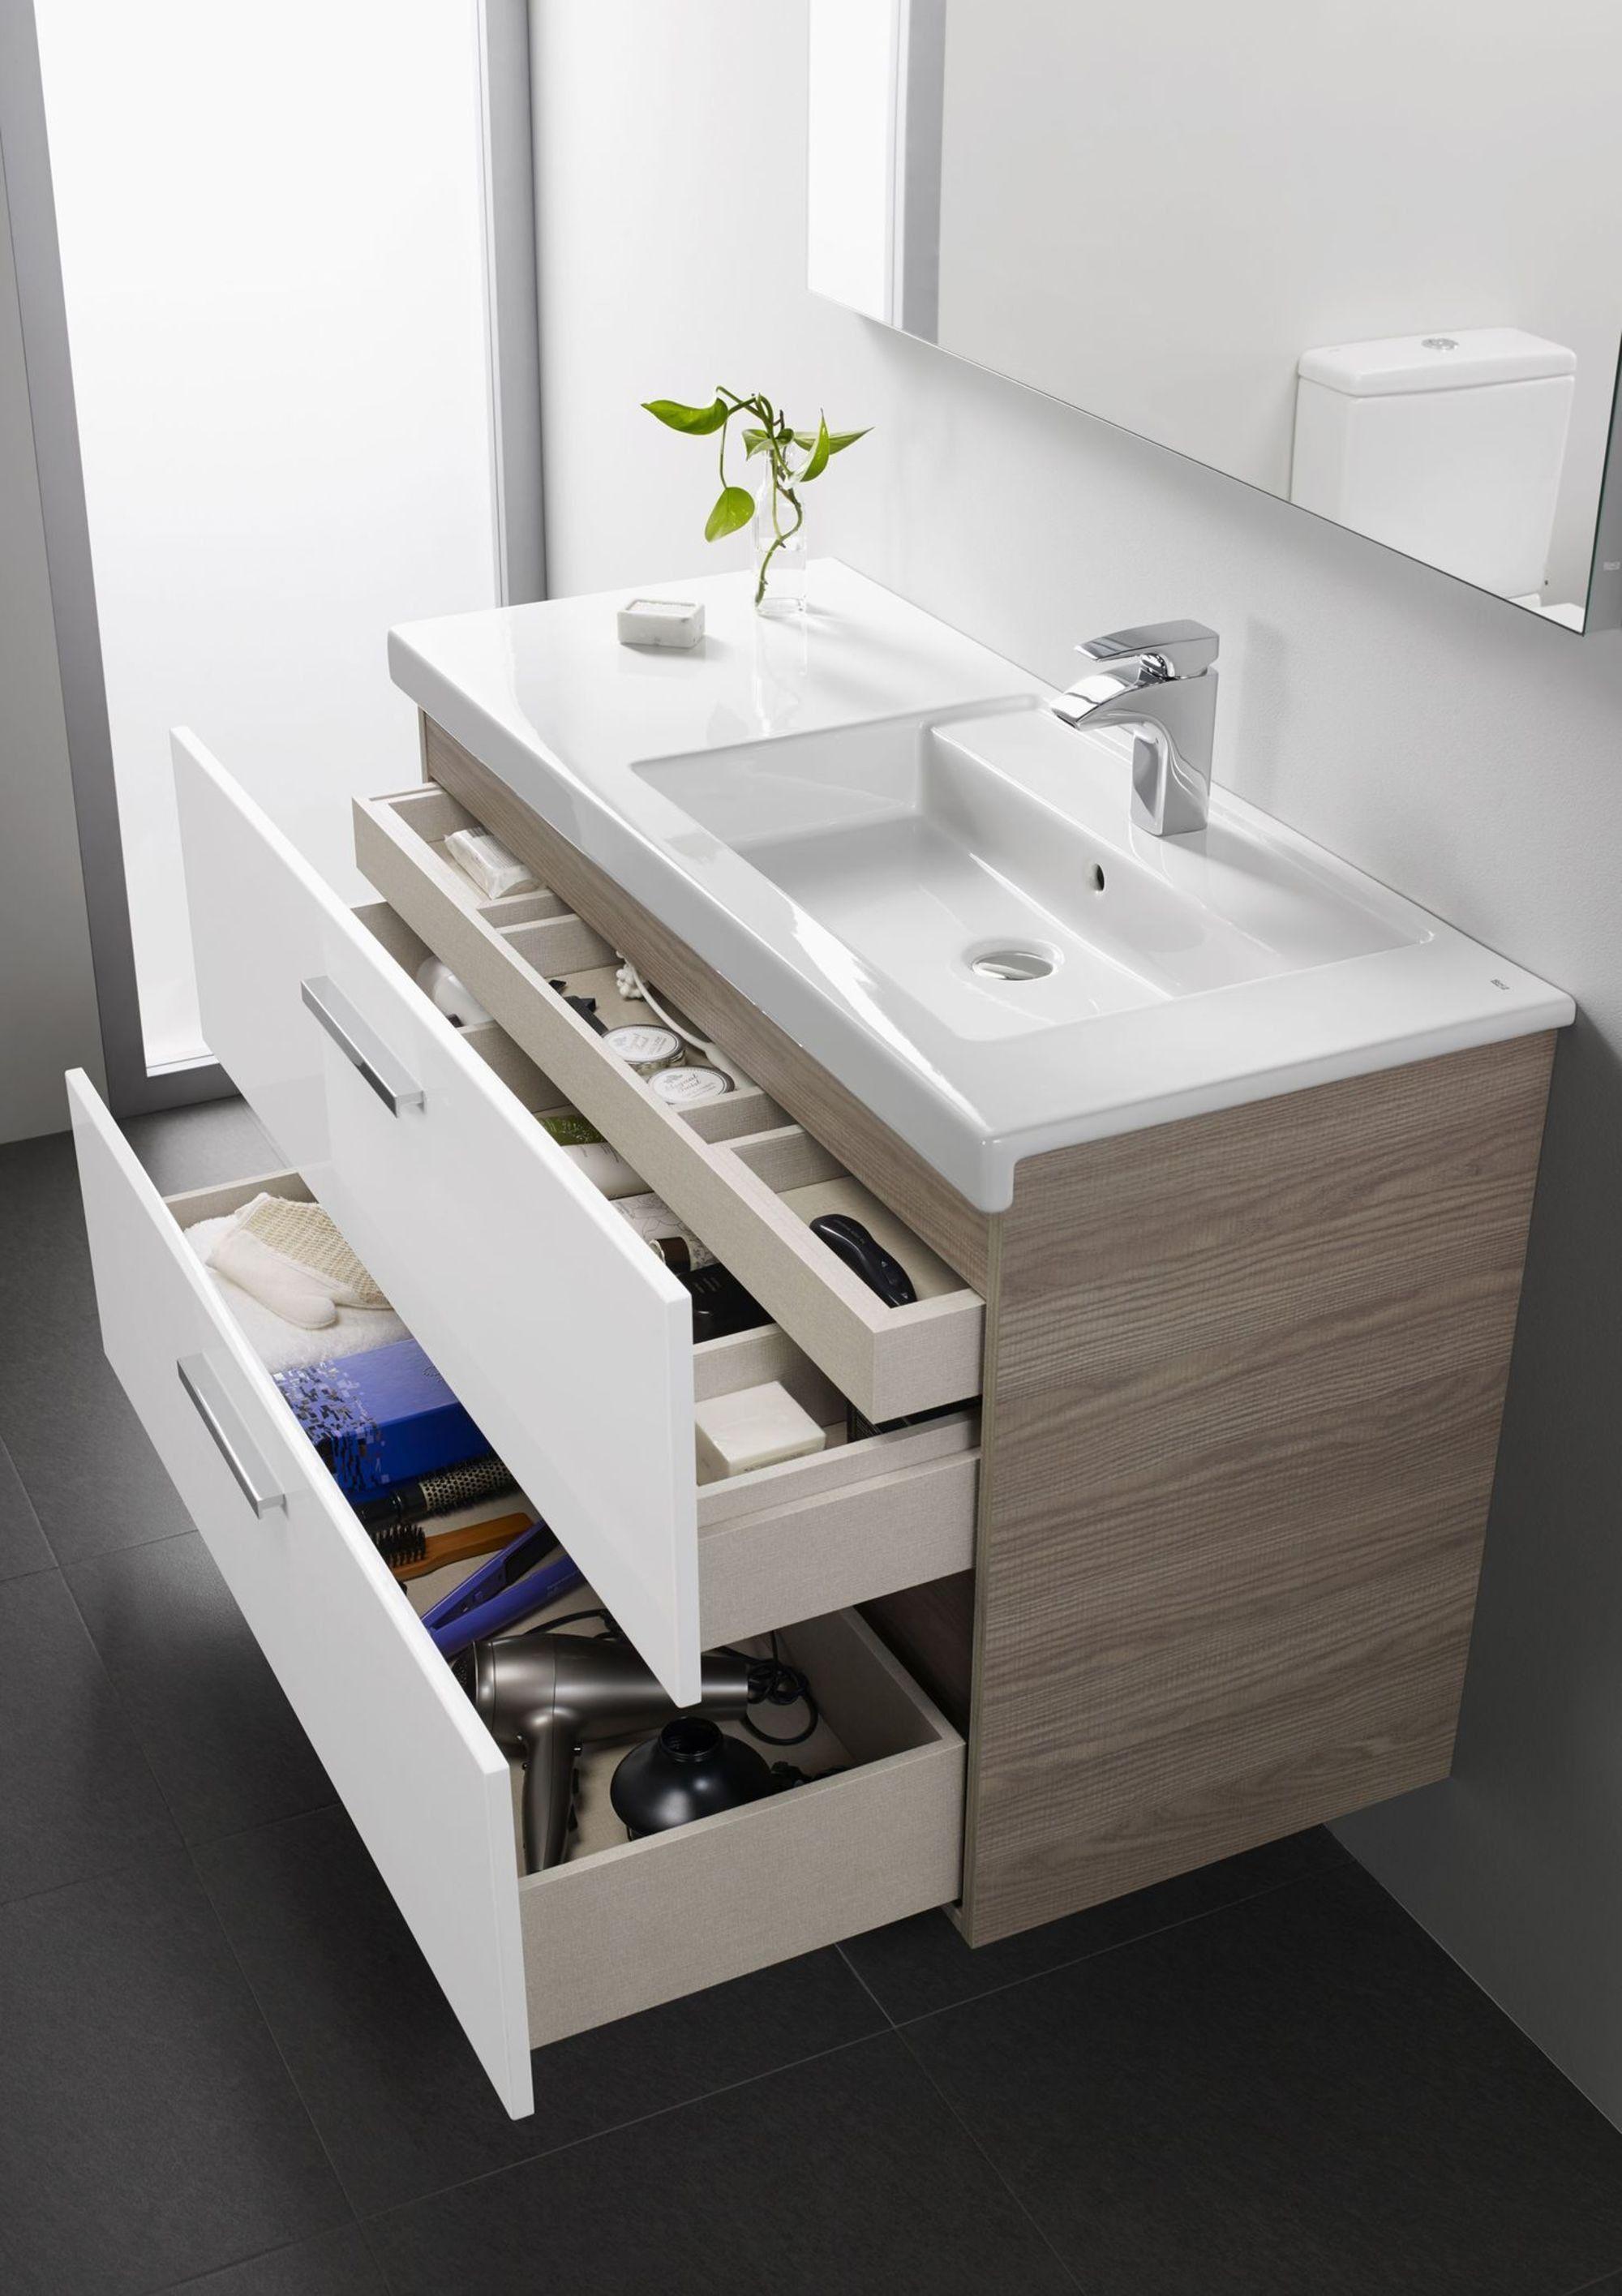 Salle De Bains Lapeyre Meuble Salle Bain Bois Design Ikea Lapeyre